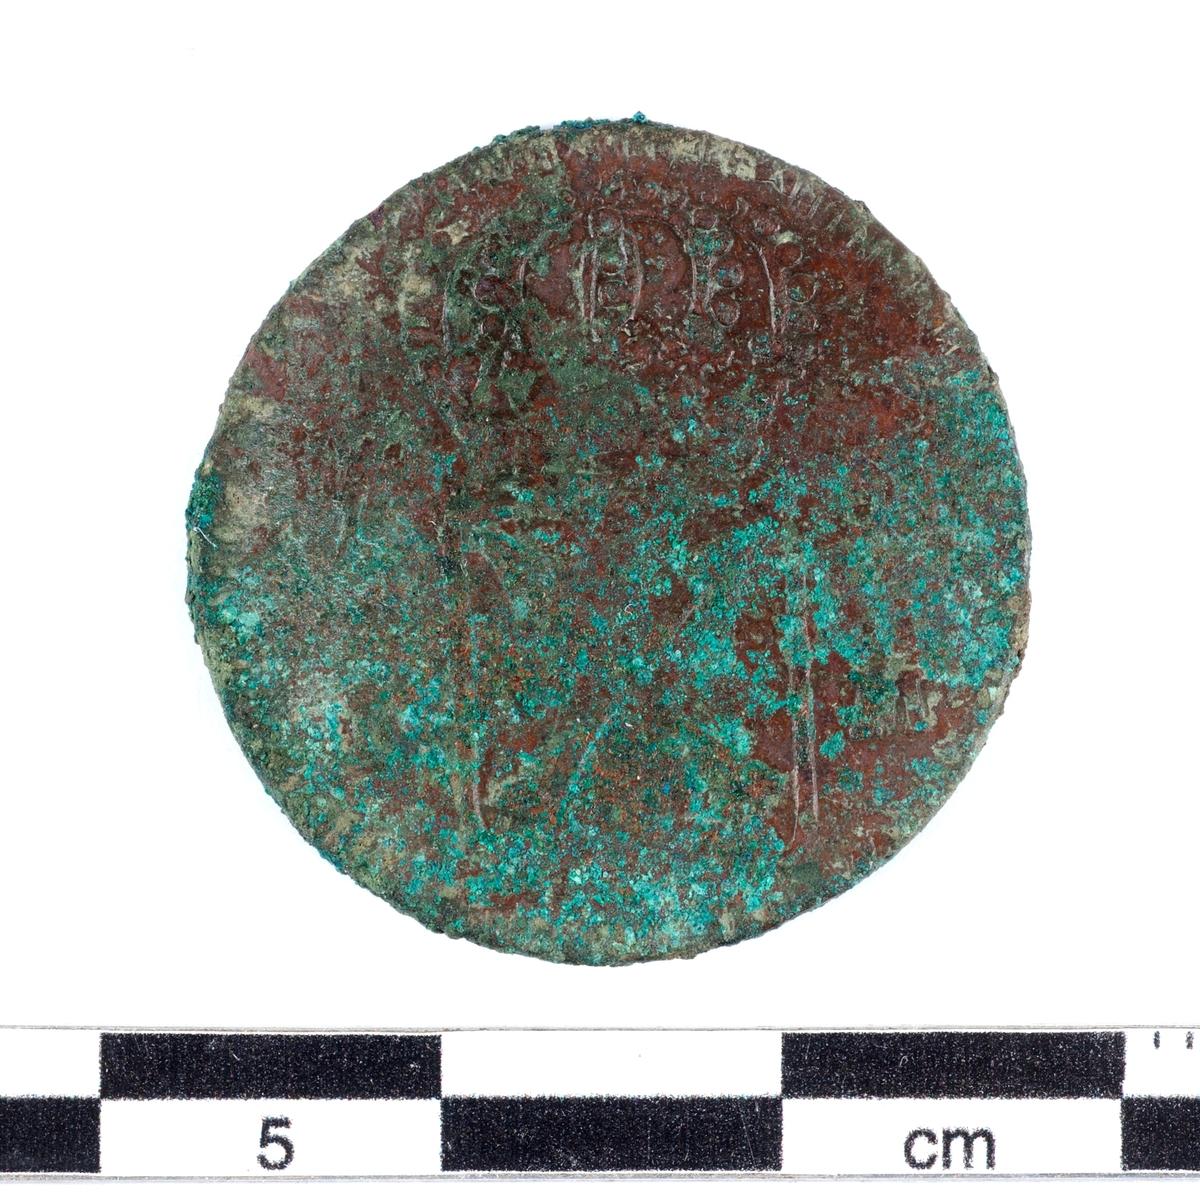 Mynt av kopparlegering. 1/6 öre, lite osäkert. Eventuellt präglat 1716.